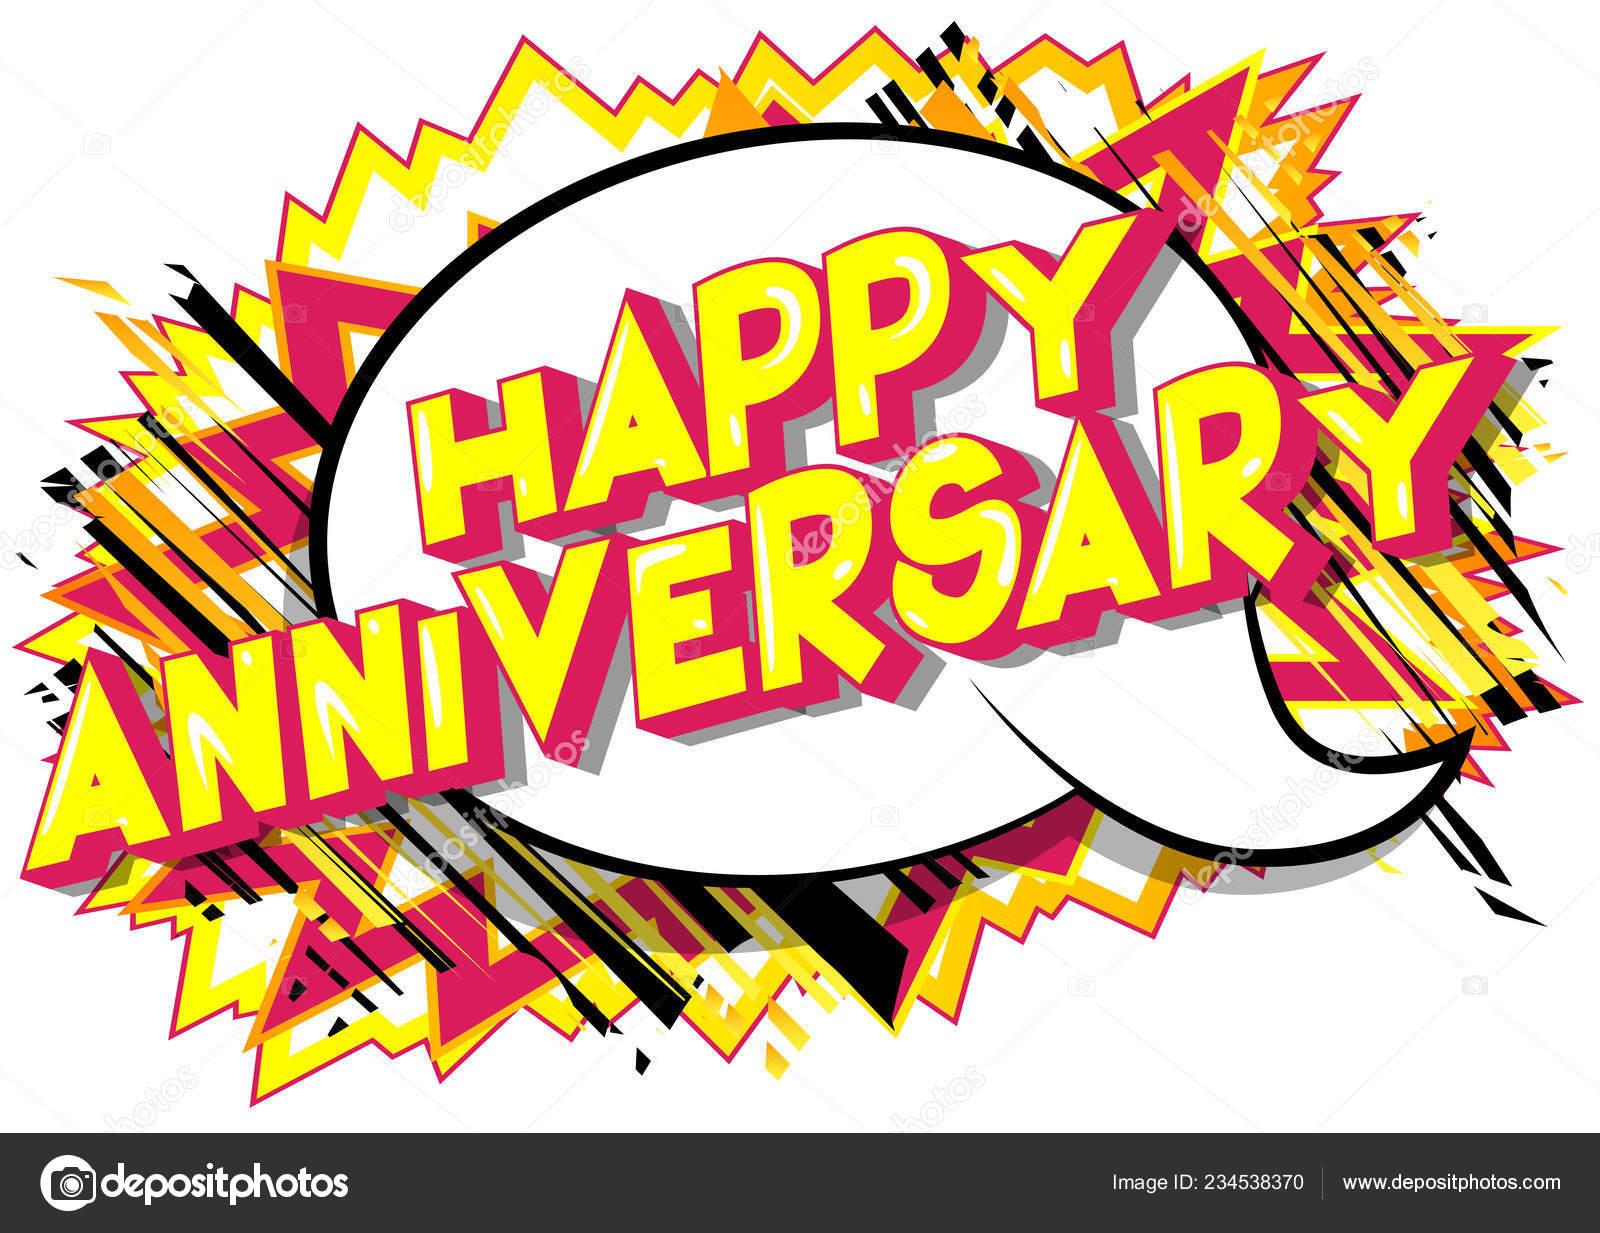 Feliz Aniversario Frase Estilo Ilustrado Libro Historietas